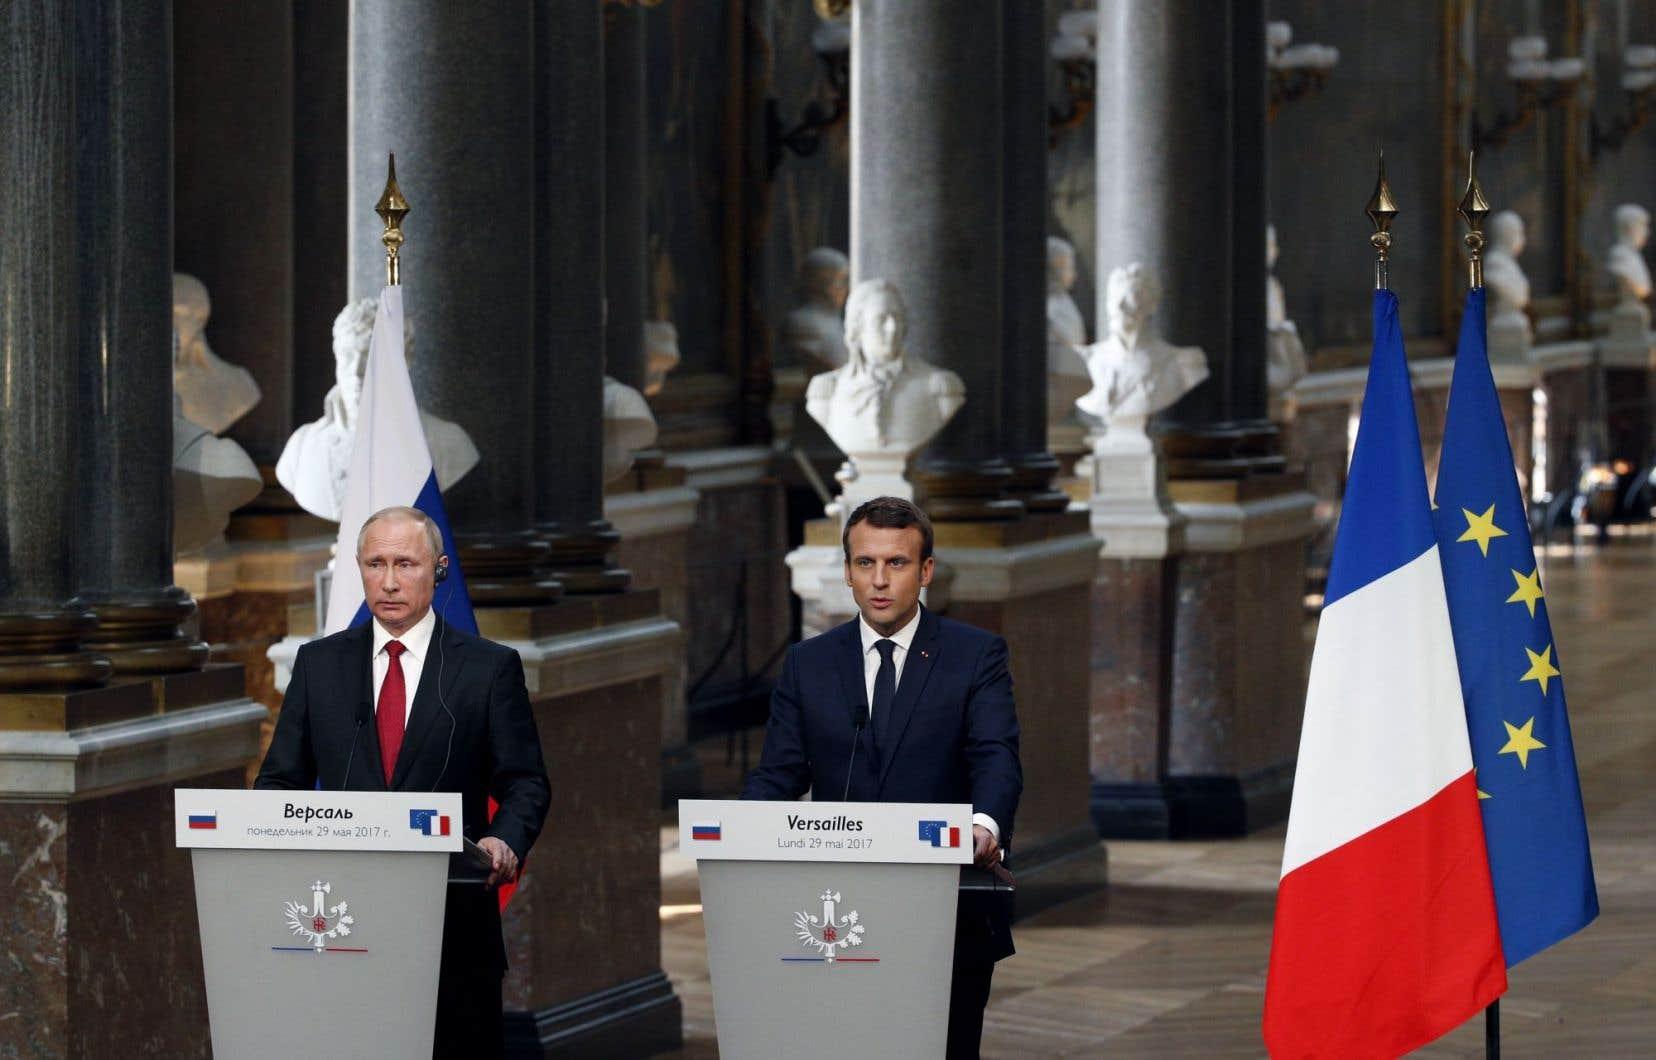 Le président français Emmanuel Macron a rencontré son homologue russe Vladimir Poutine lundi à Versailles.